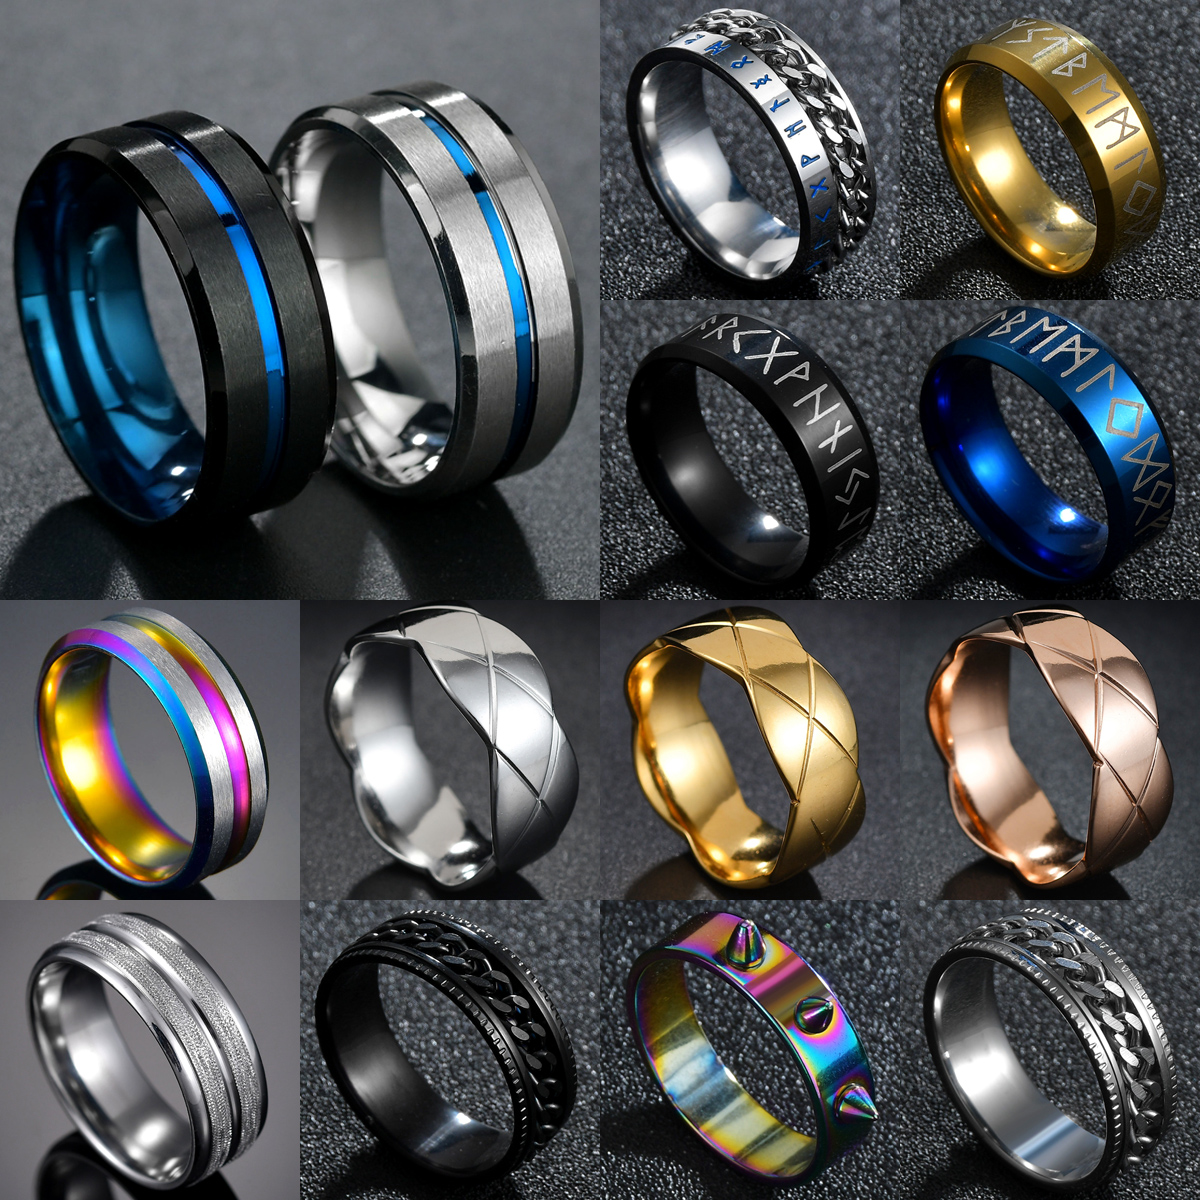 Горячая Распродажа 8 мм паз кольца черный/синий Нержавеющаясталь миди кольца для Для мужчин браслеты с подвесками мужской ювелирные издел...